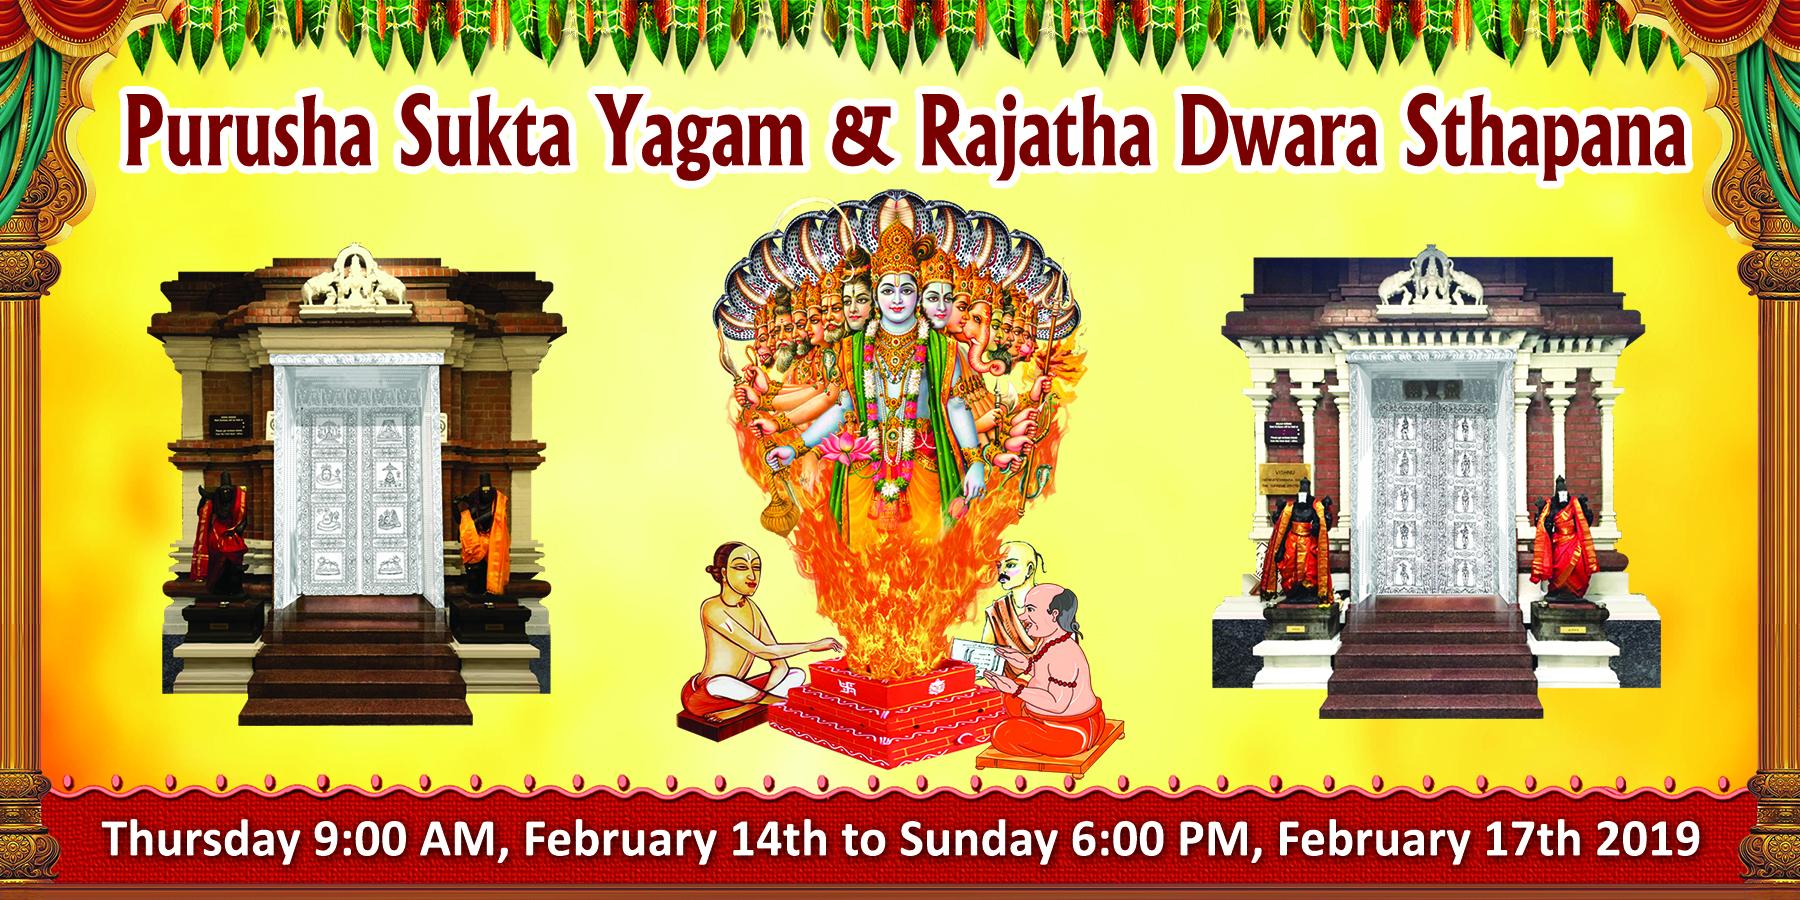 Purusha Sukta Yagam &  Rajatha Dwara Sthapana